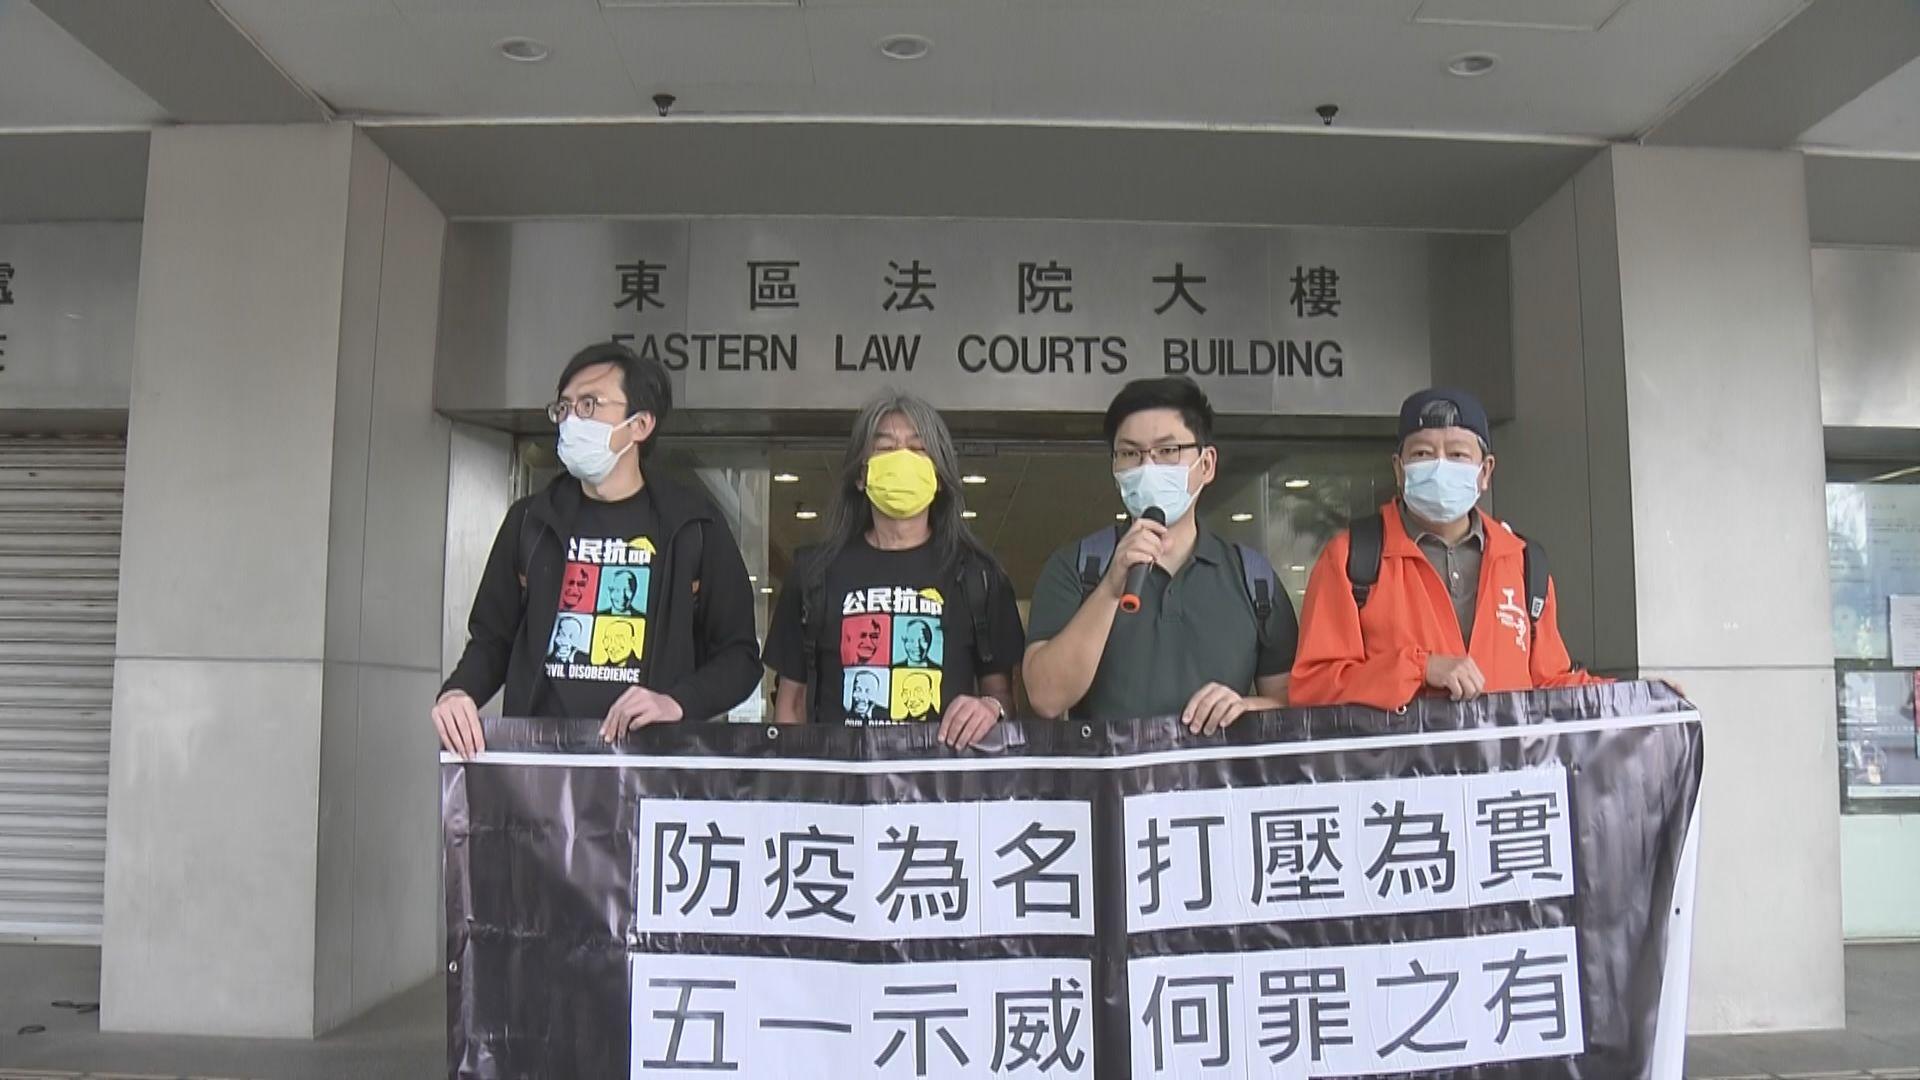 社民連及工黨8人五一示威被控違限聚令 明年開審